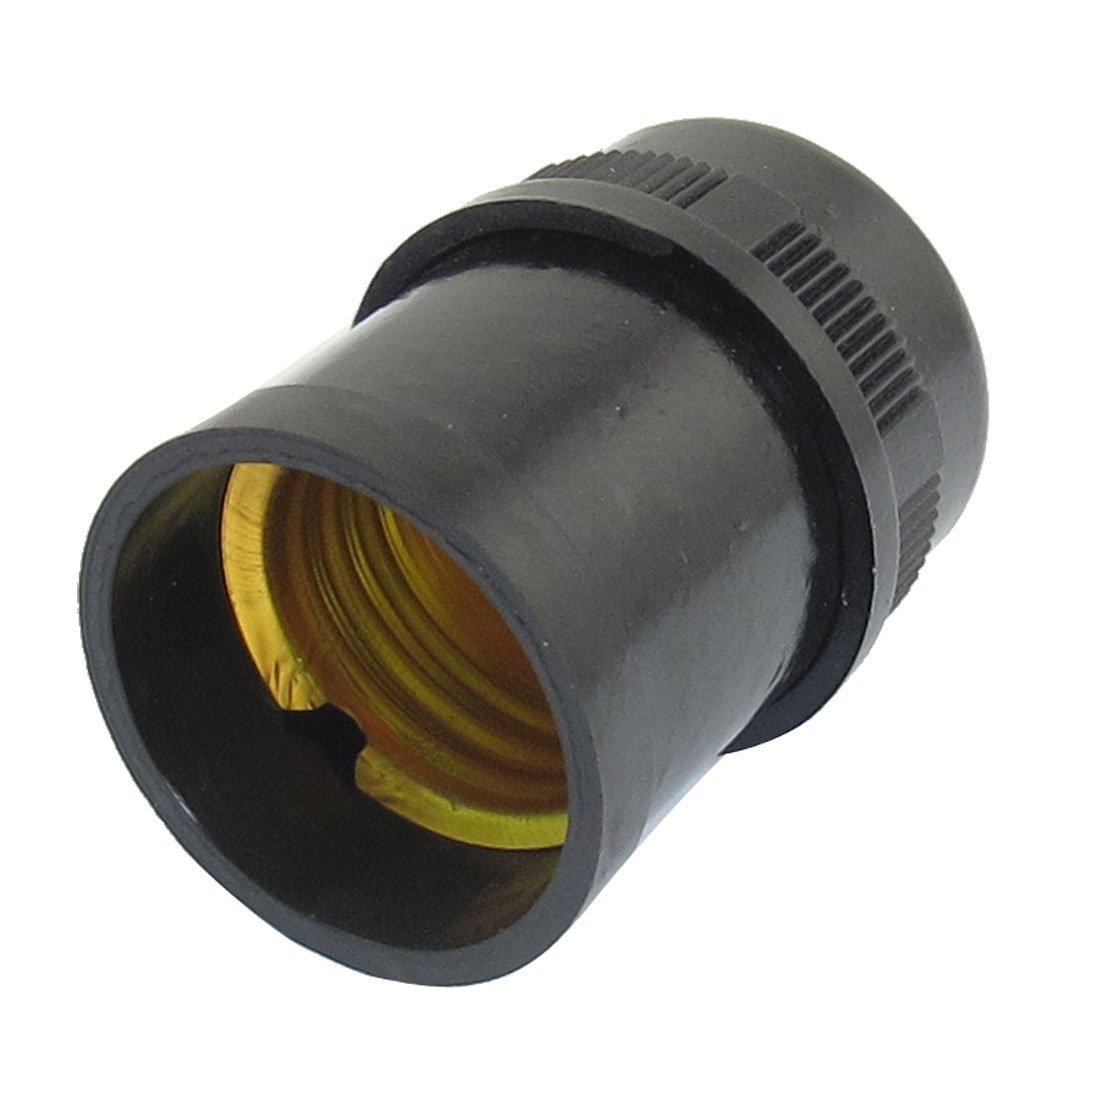 Douille e27 noir plastique goutte lumiere titulaire de la lampe ampoule wt - Douille plastique ampoule ...